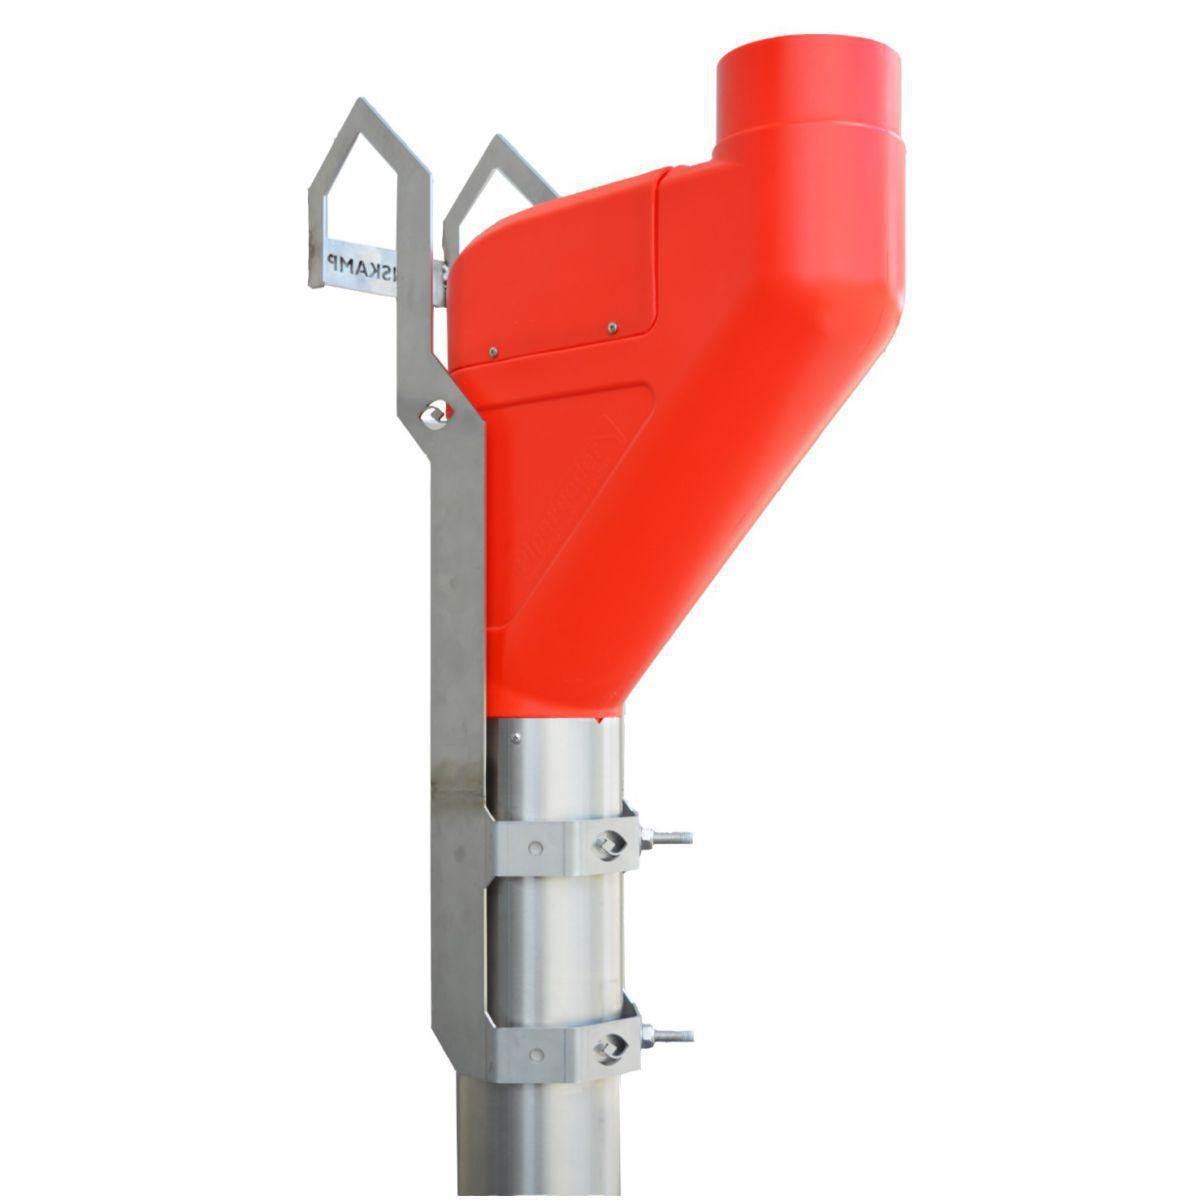 pipefeeder kurz rot mit montagehalterung fr lely a4a5